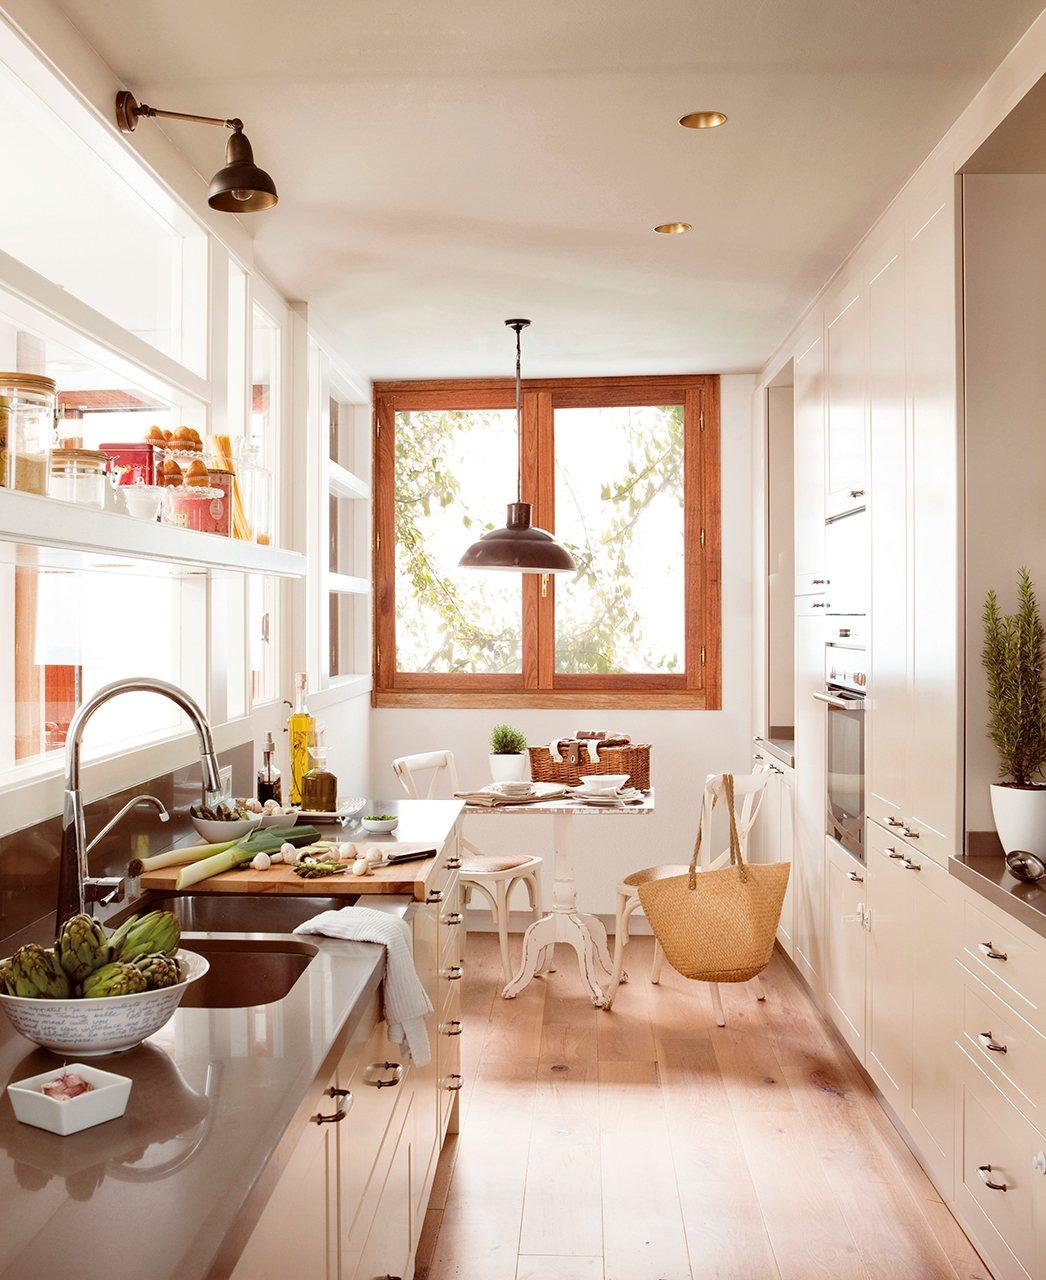 Ideas para redise ar tu cocina for Ideas para reformar cocina alargada